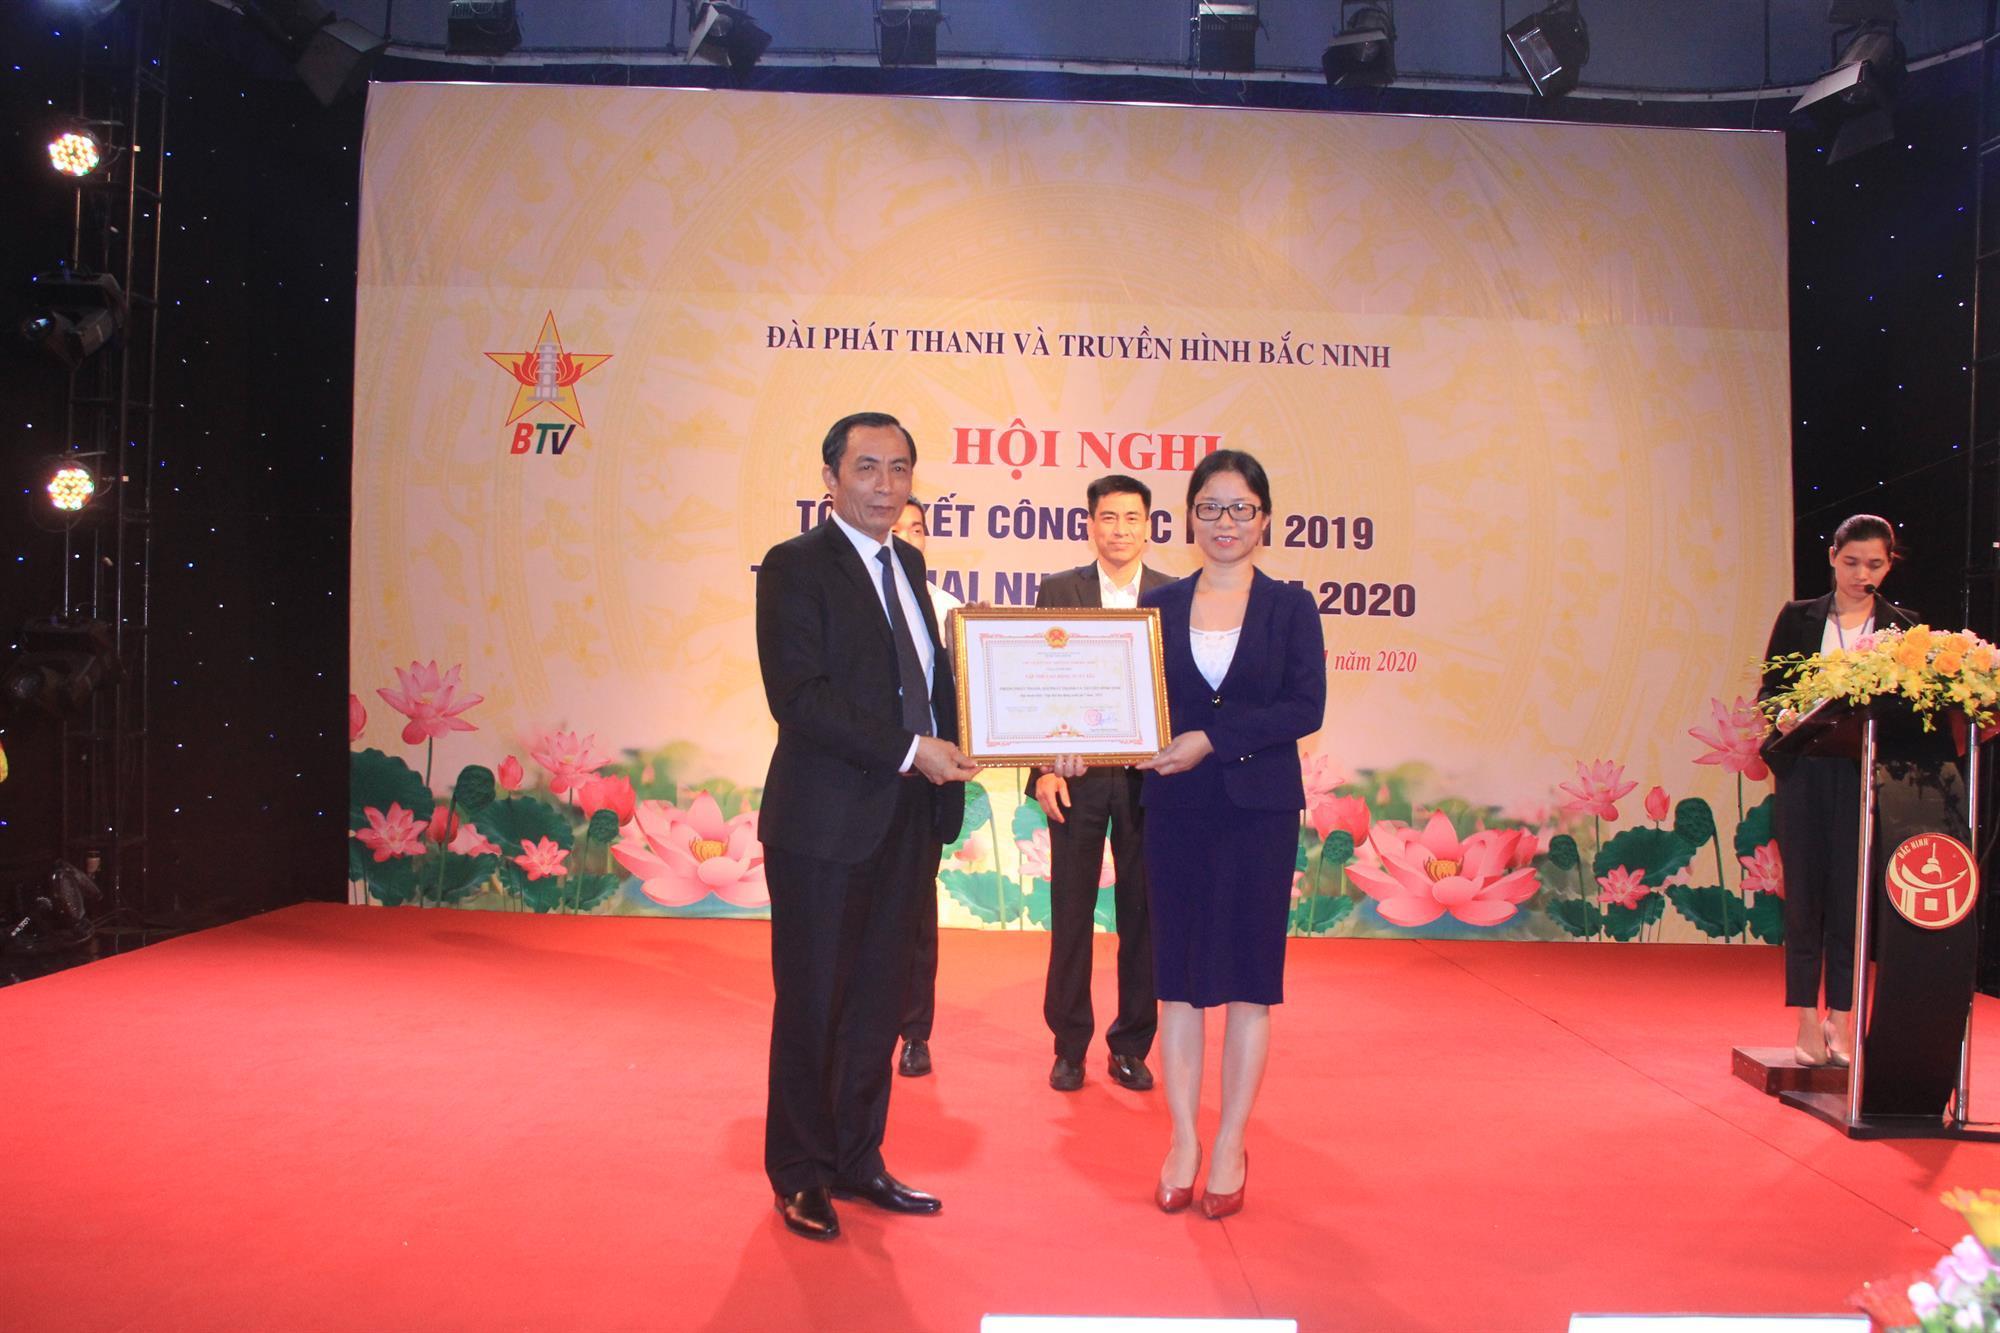 Đài Phát thanh và Truyền hình Bắc Ninh triển khai nhiệm vụ năm 2020